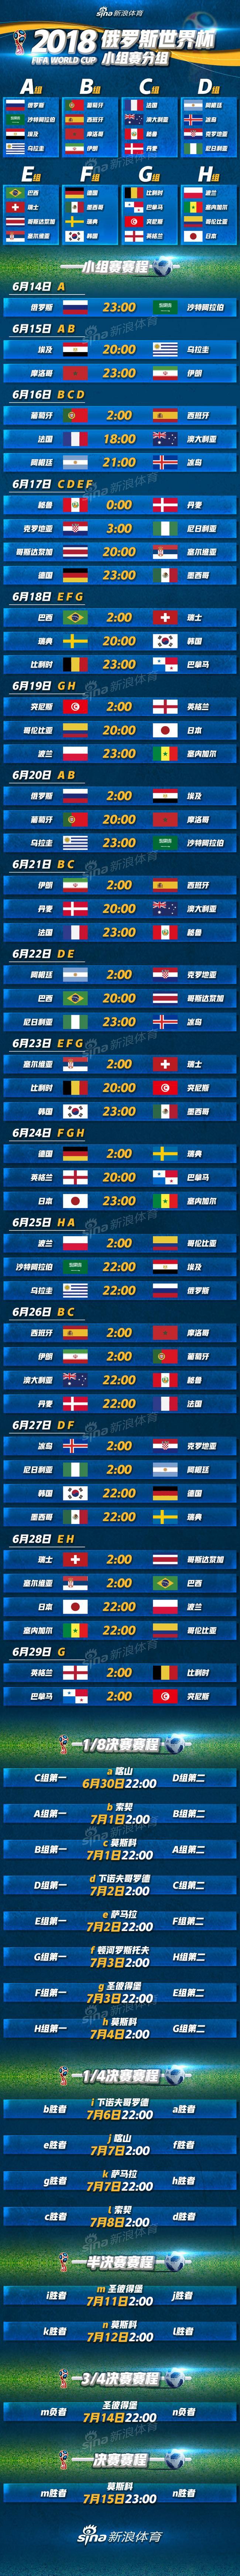 2018俄罗斯世界杯完整赛程